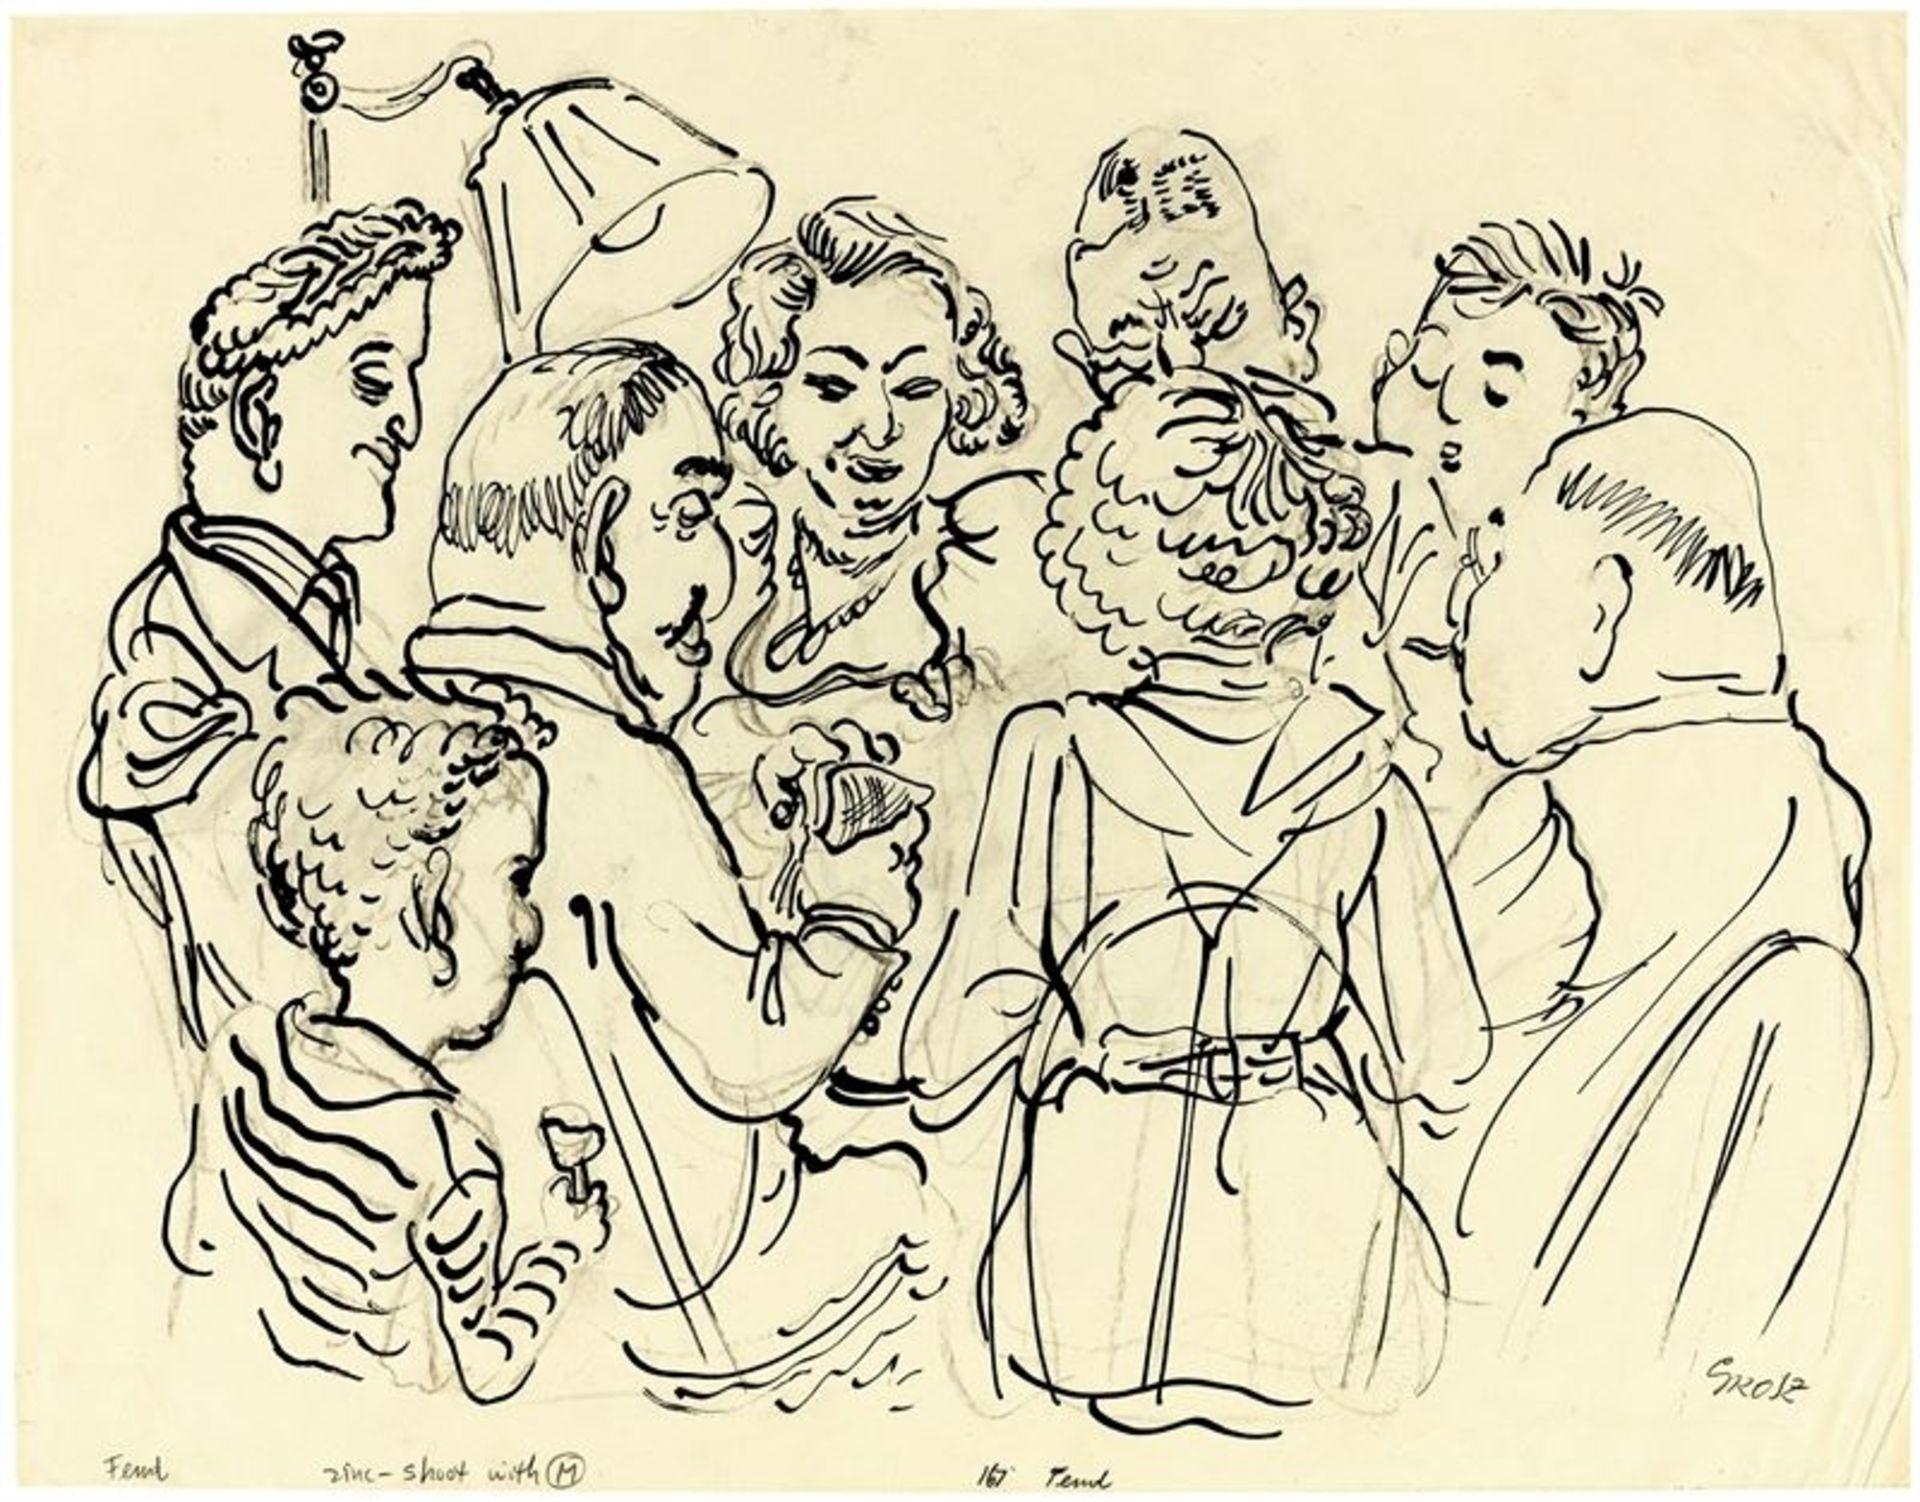 Los 216 - George Grosz (1893 – Berlin – 1959)